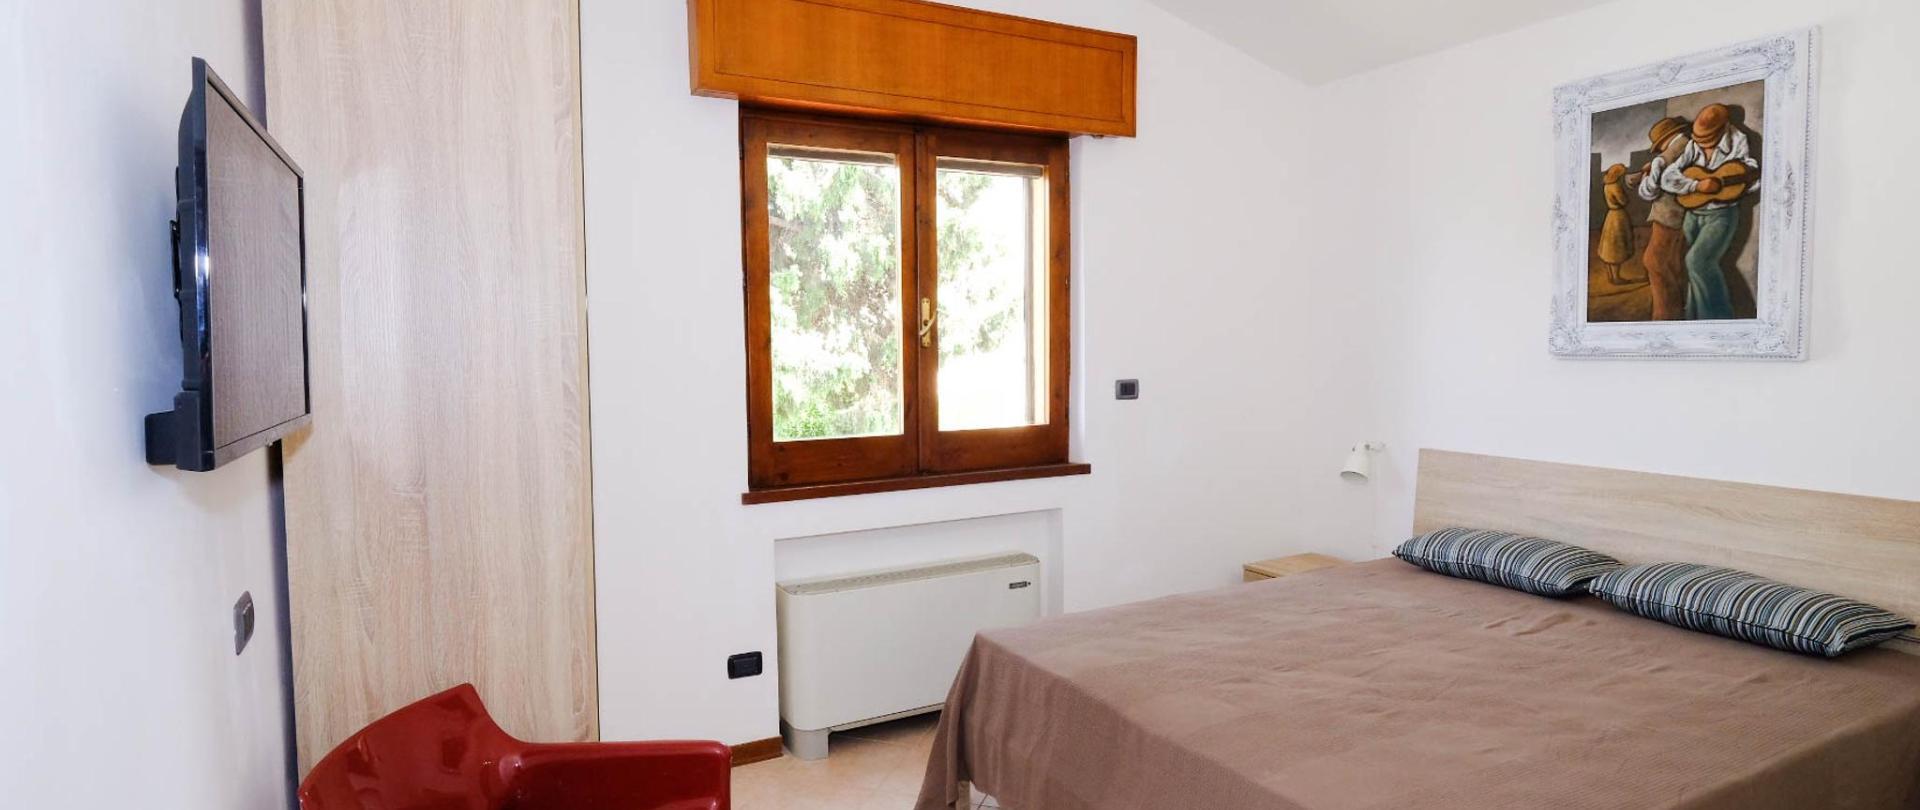 EMPORIUM GUEST HOUSE ROOM QUATTRO.jpg